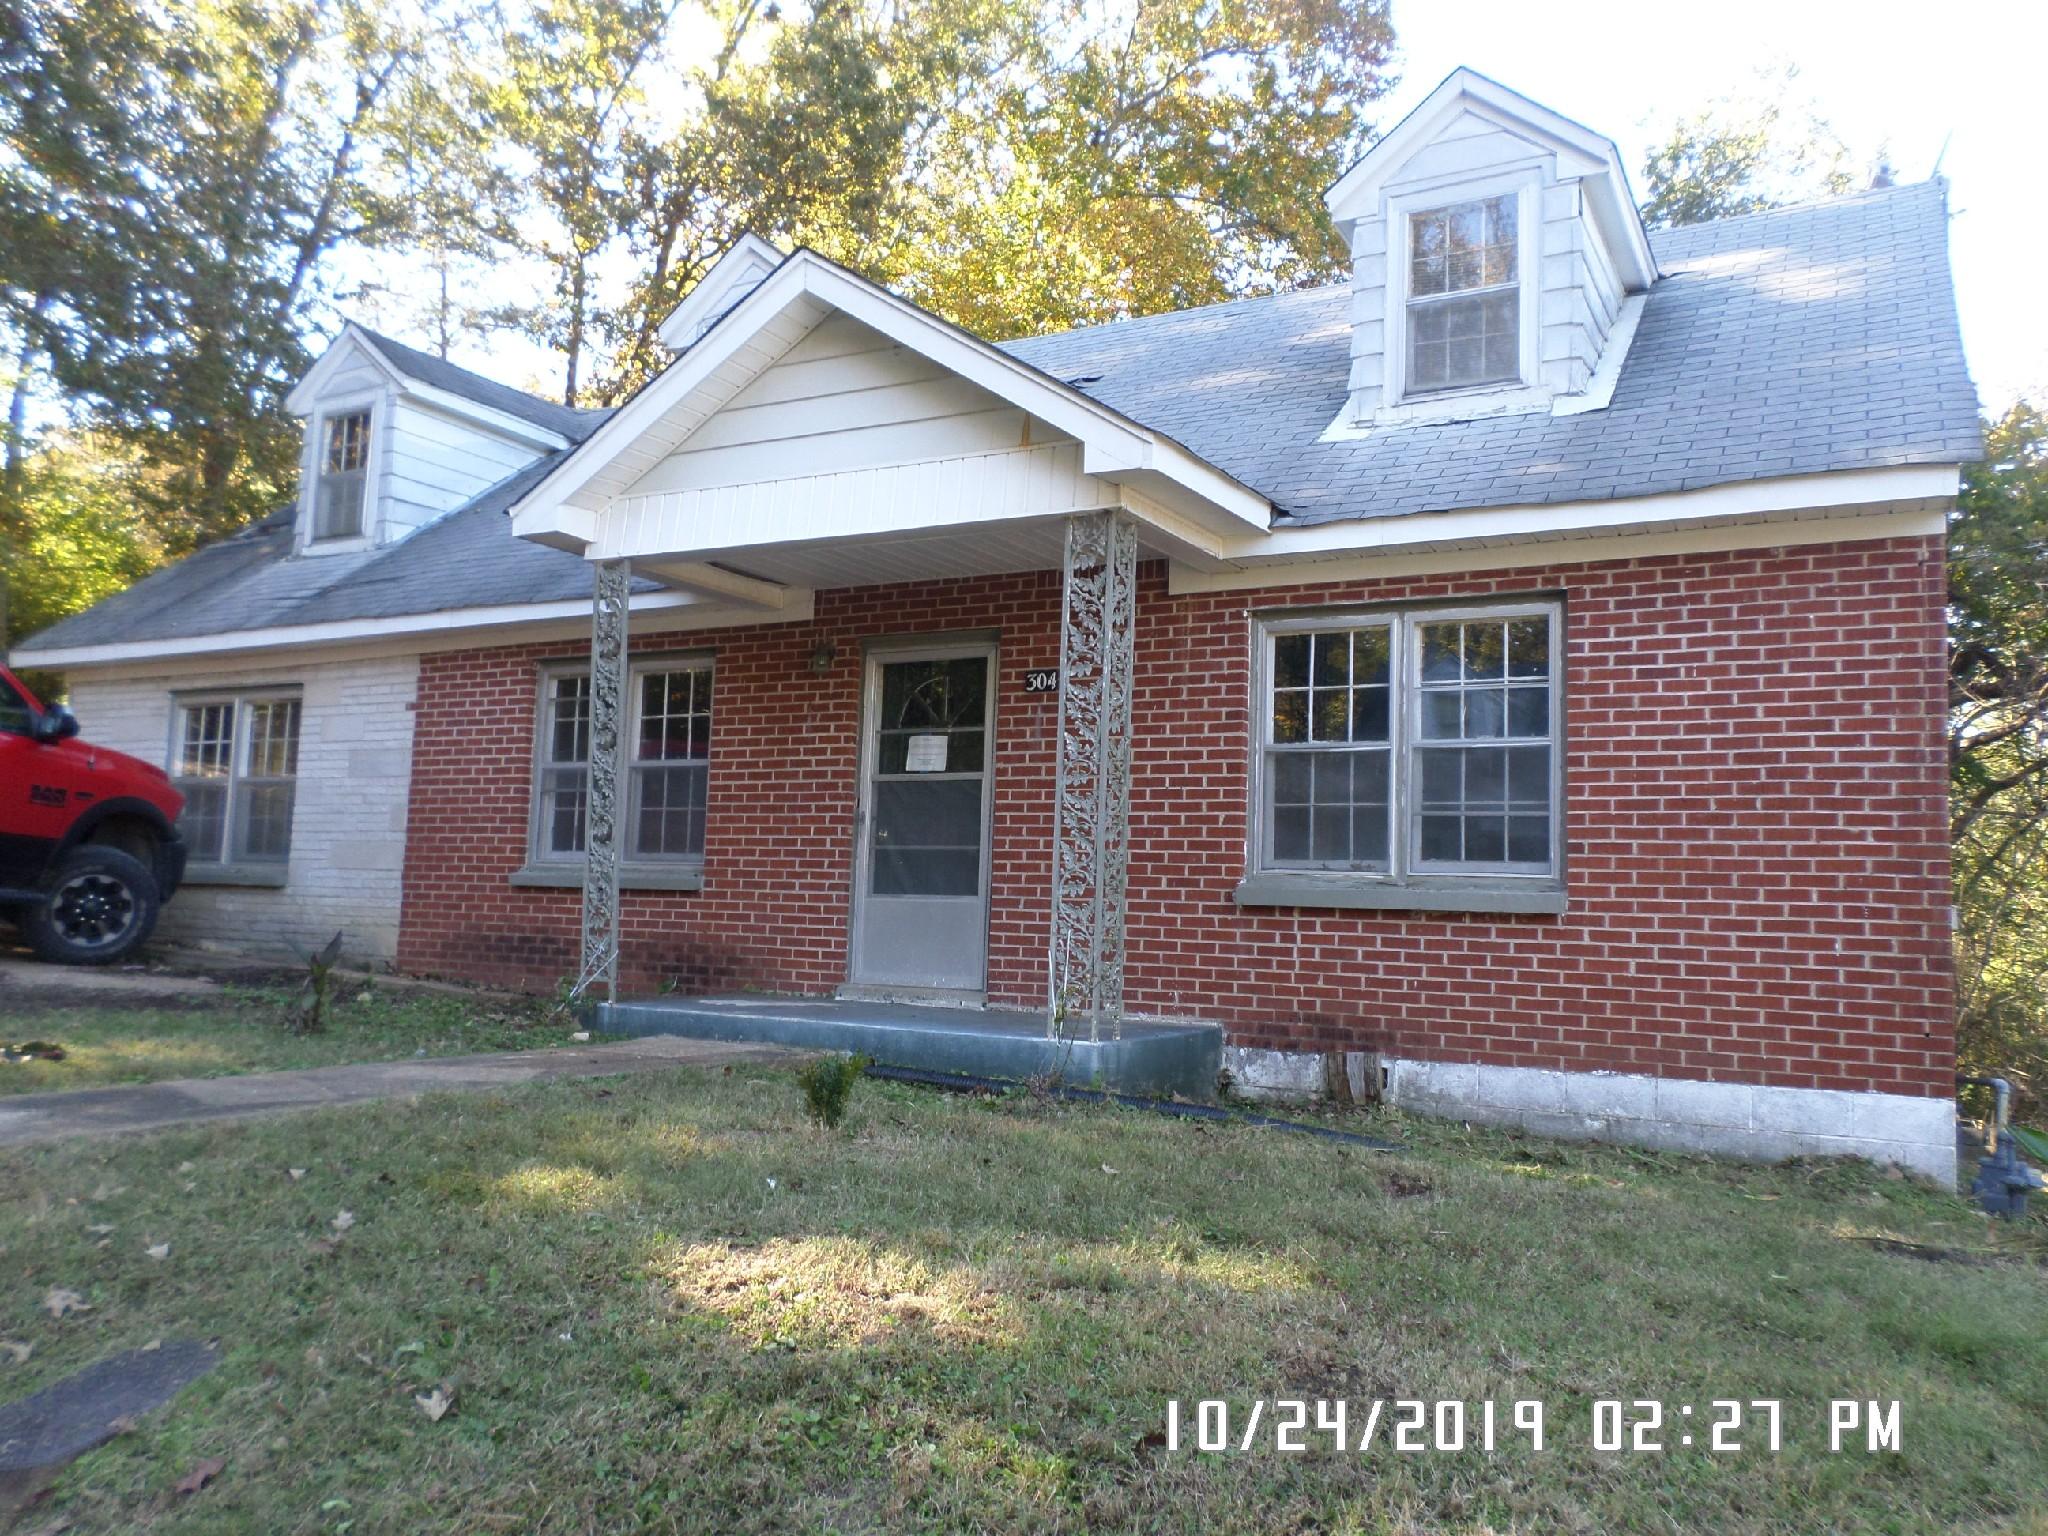 304 Copeland Dr, Waynesboro, TN 38485 - Waynesboro, TN real estate listing